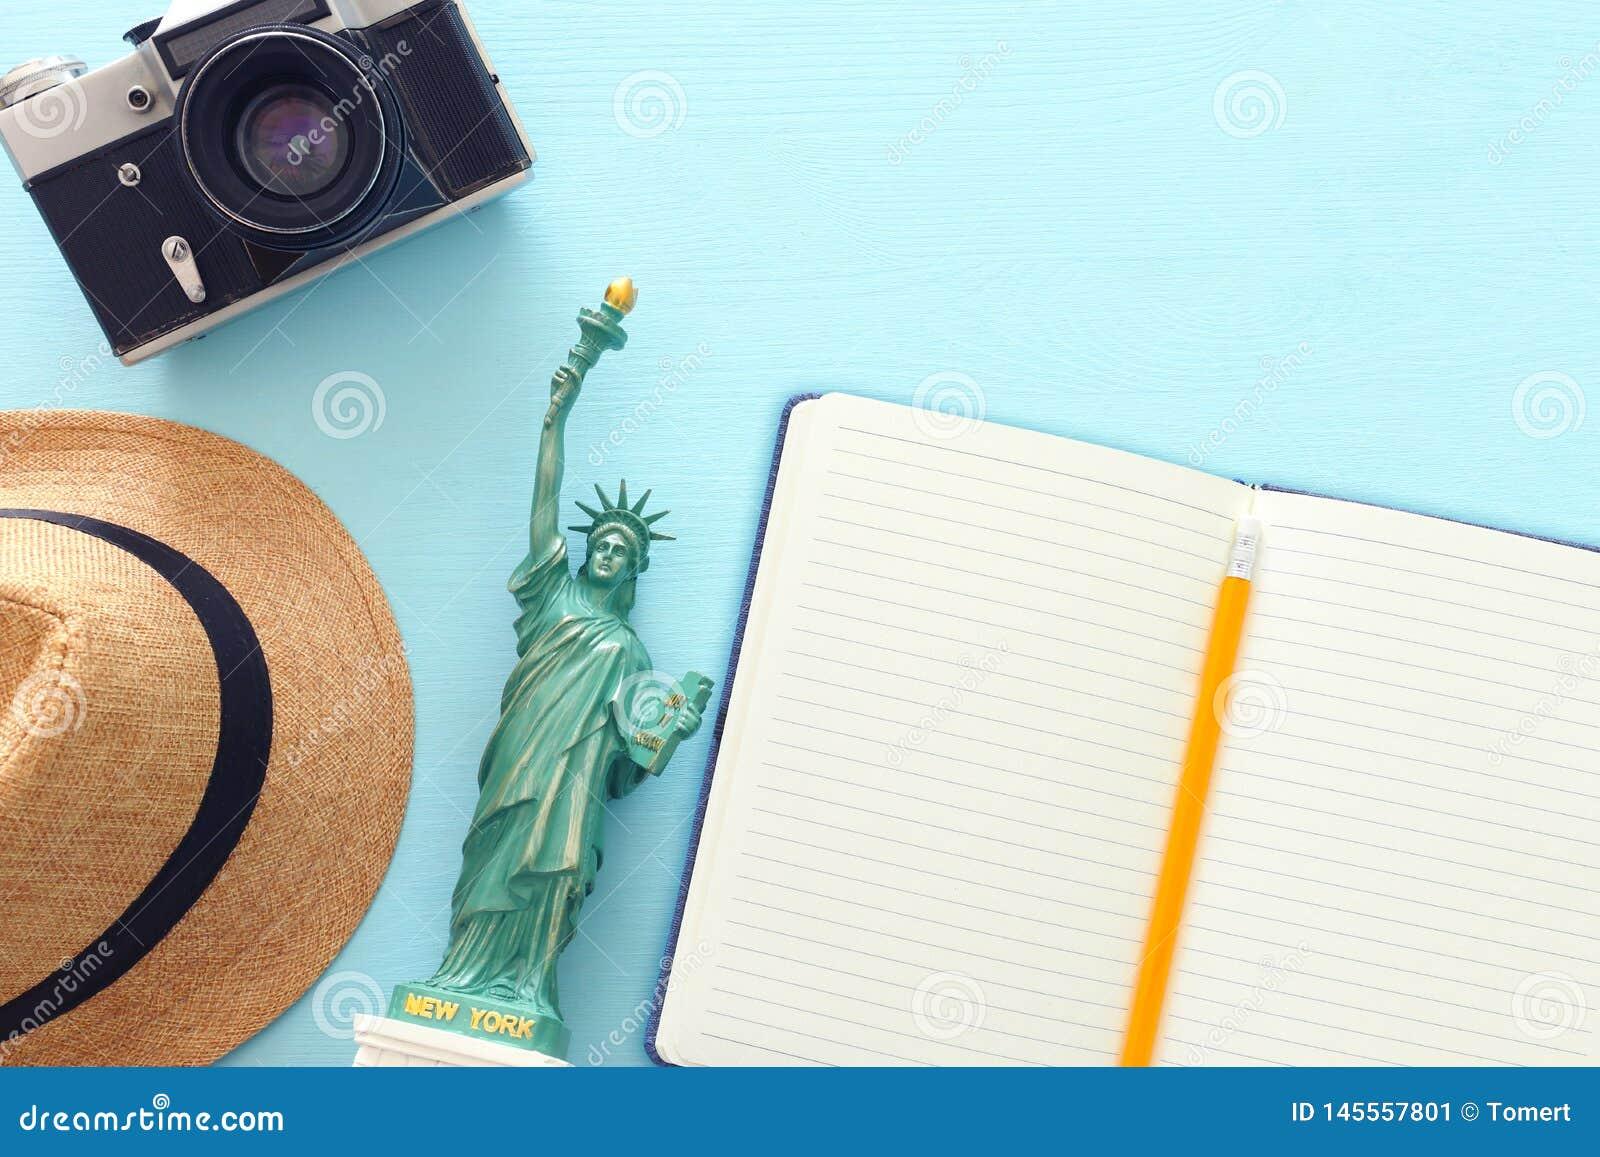 Reisconcept met Amerikaans symboolstandbeeld van Vrijheid en leeg notitieboekje voor achtergrond